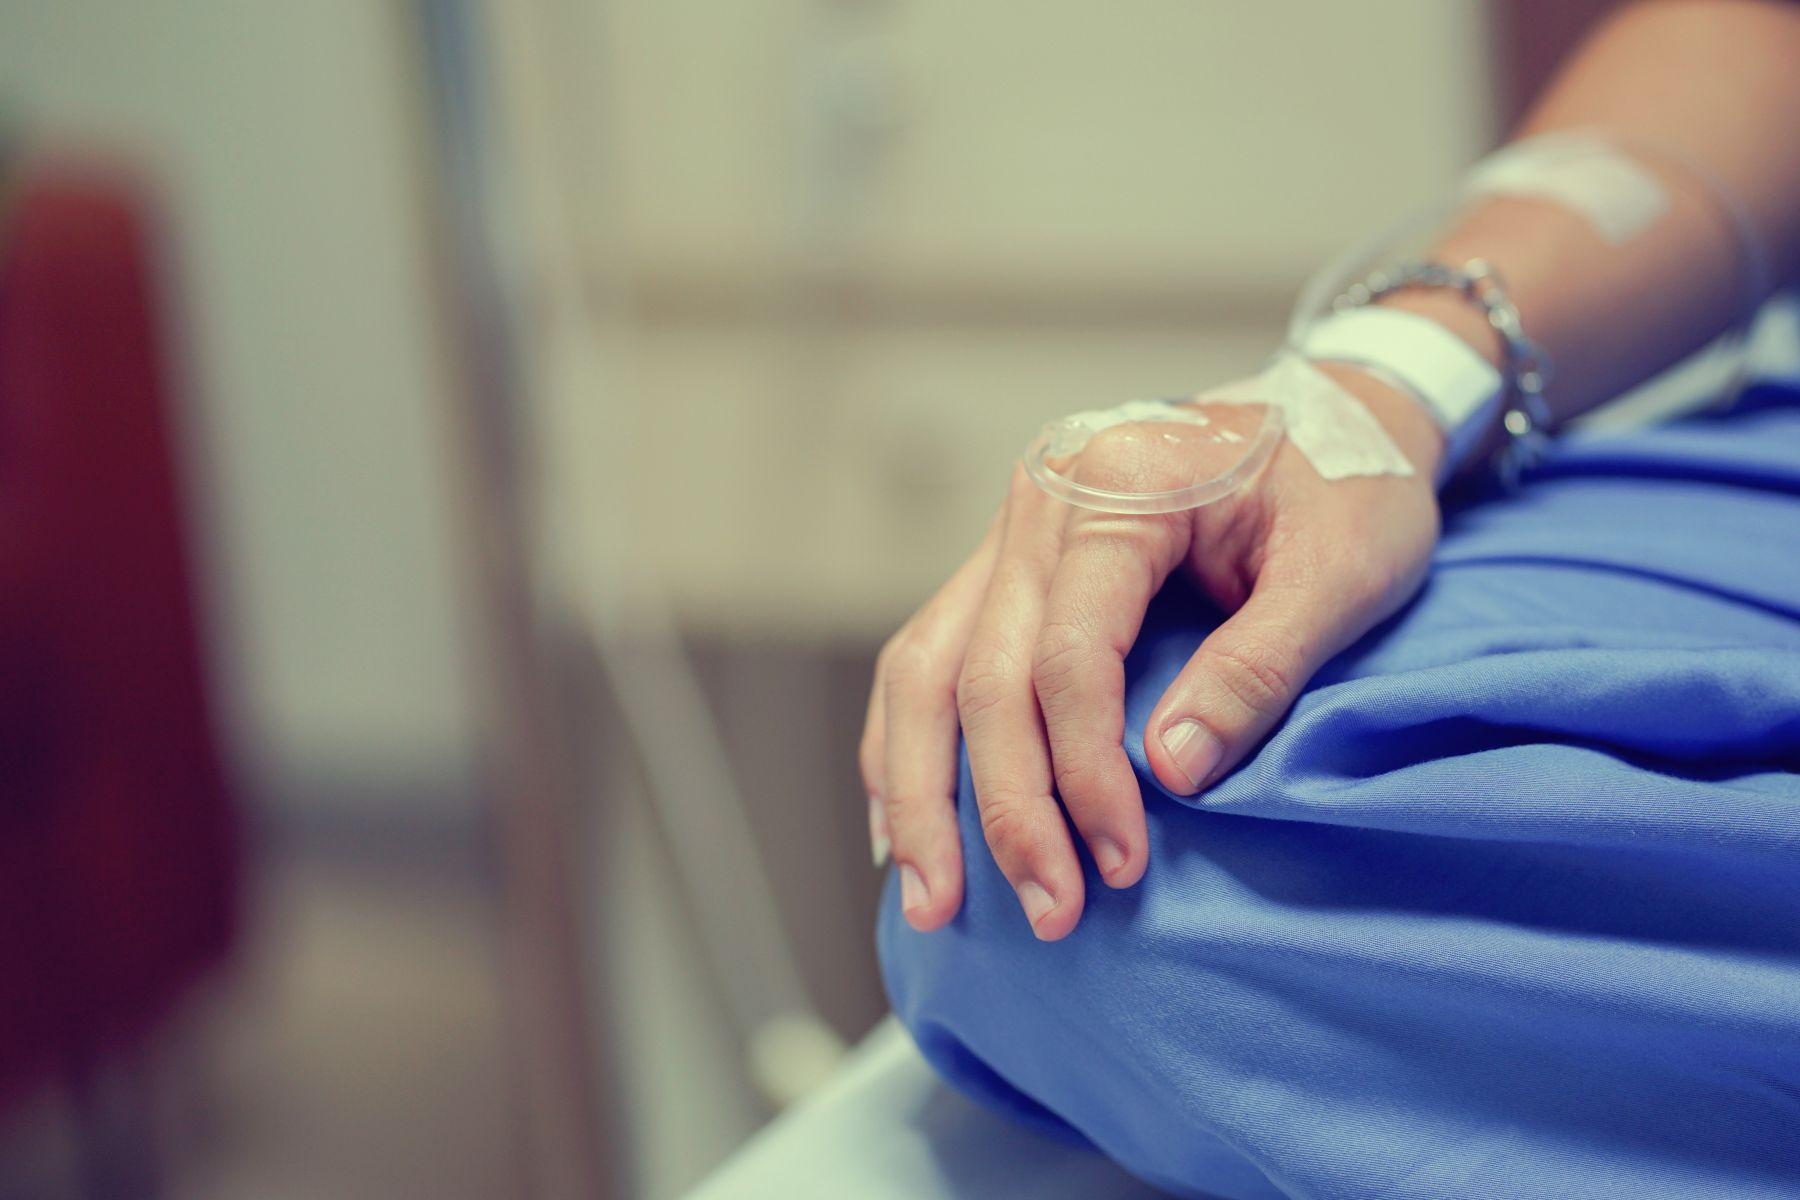 40歲後最易大腸癌!分辨痔瘡、大腸癌:出現大便習慣改變、體重下降和腹痛...4大癌症前兆速速就醫